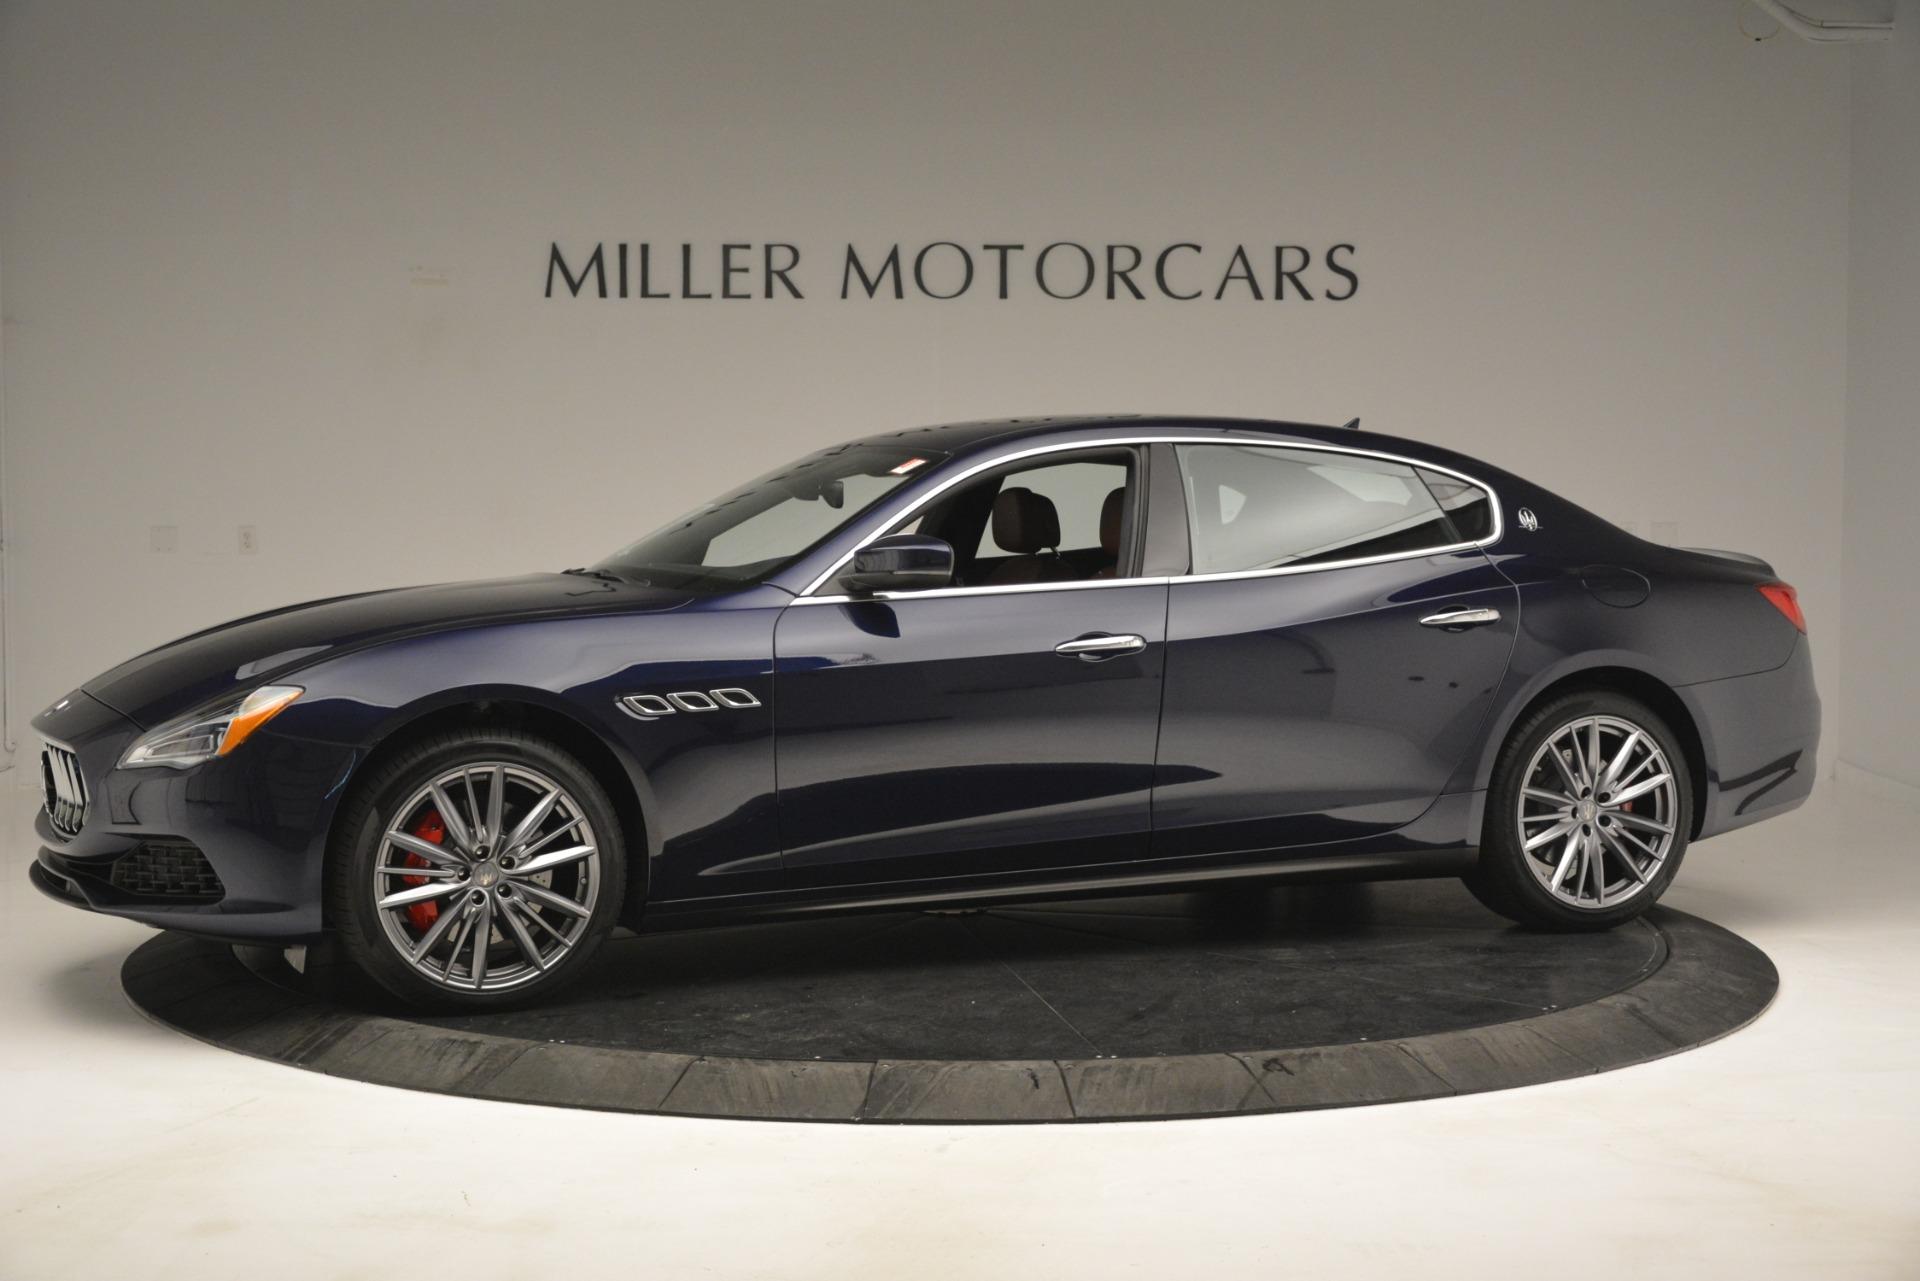 New 2019 Maserati Quattroporte S Q4 For Sale In Greenwich, CT 2742_p2